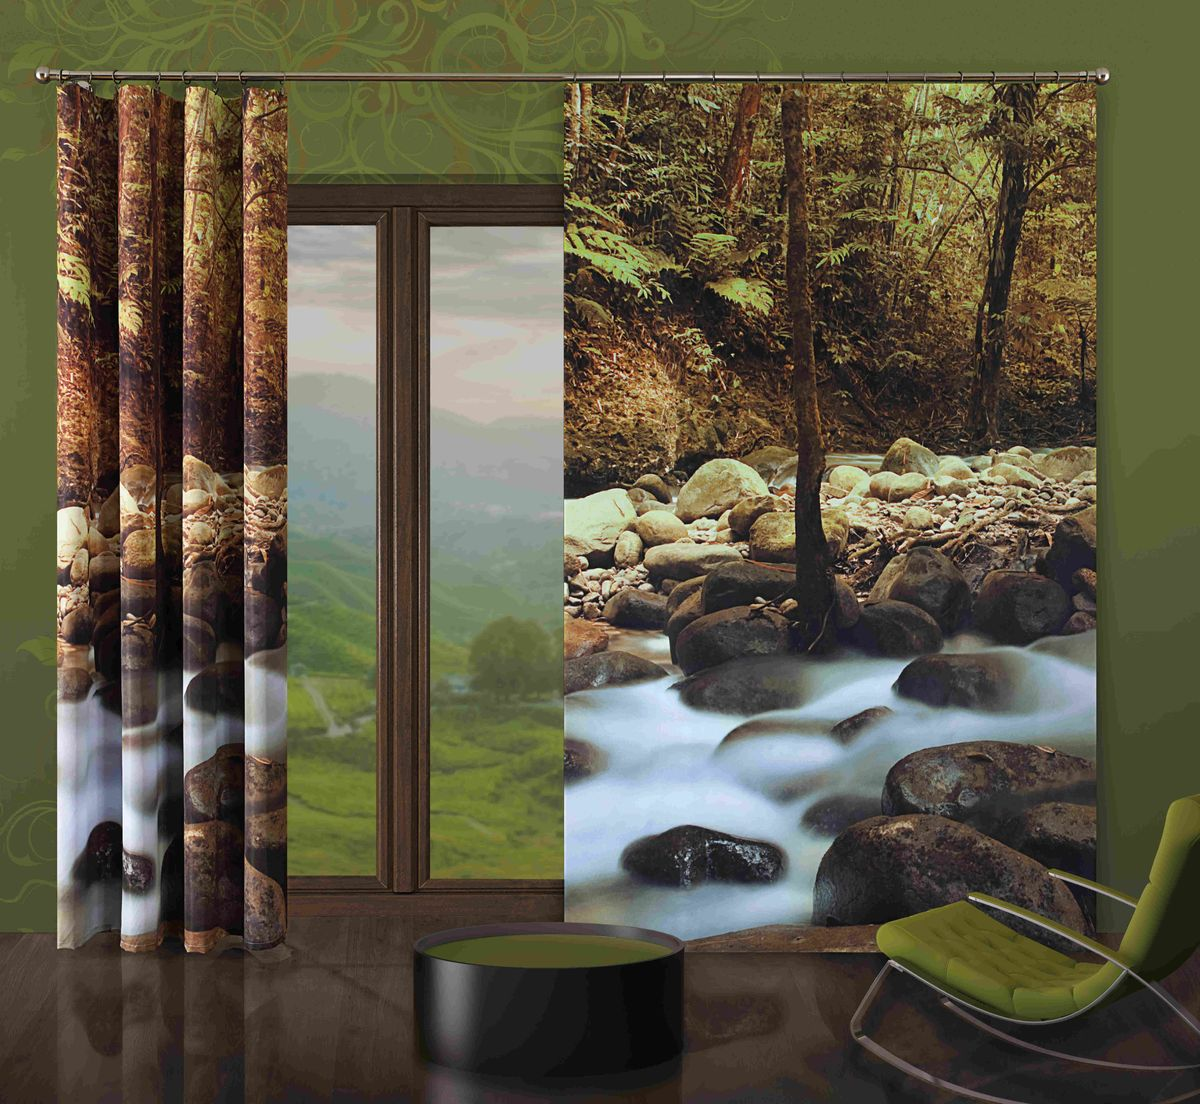 Комплект гардин-панно Wisan Kamienie, на ленте, цвет: коричневый, серый, высота 250 см комплект штор wisan цвет коричневый высота 250 см 030w